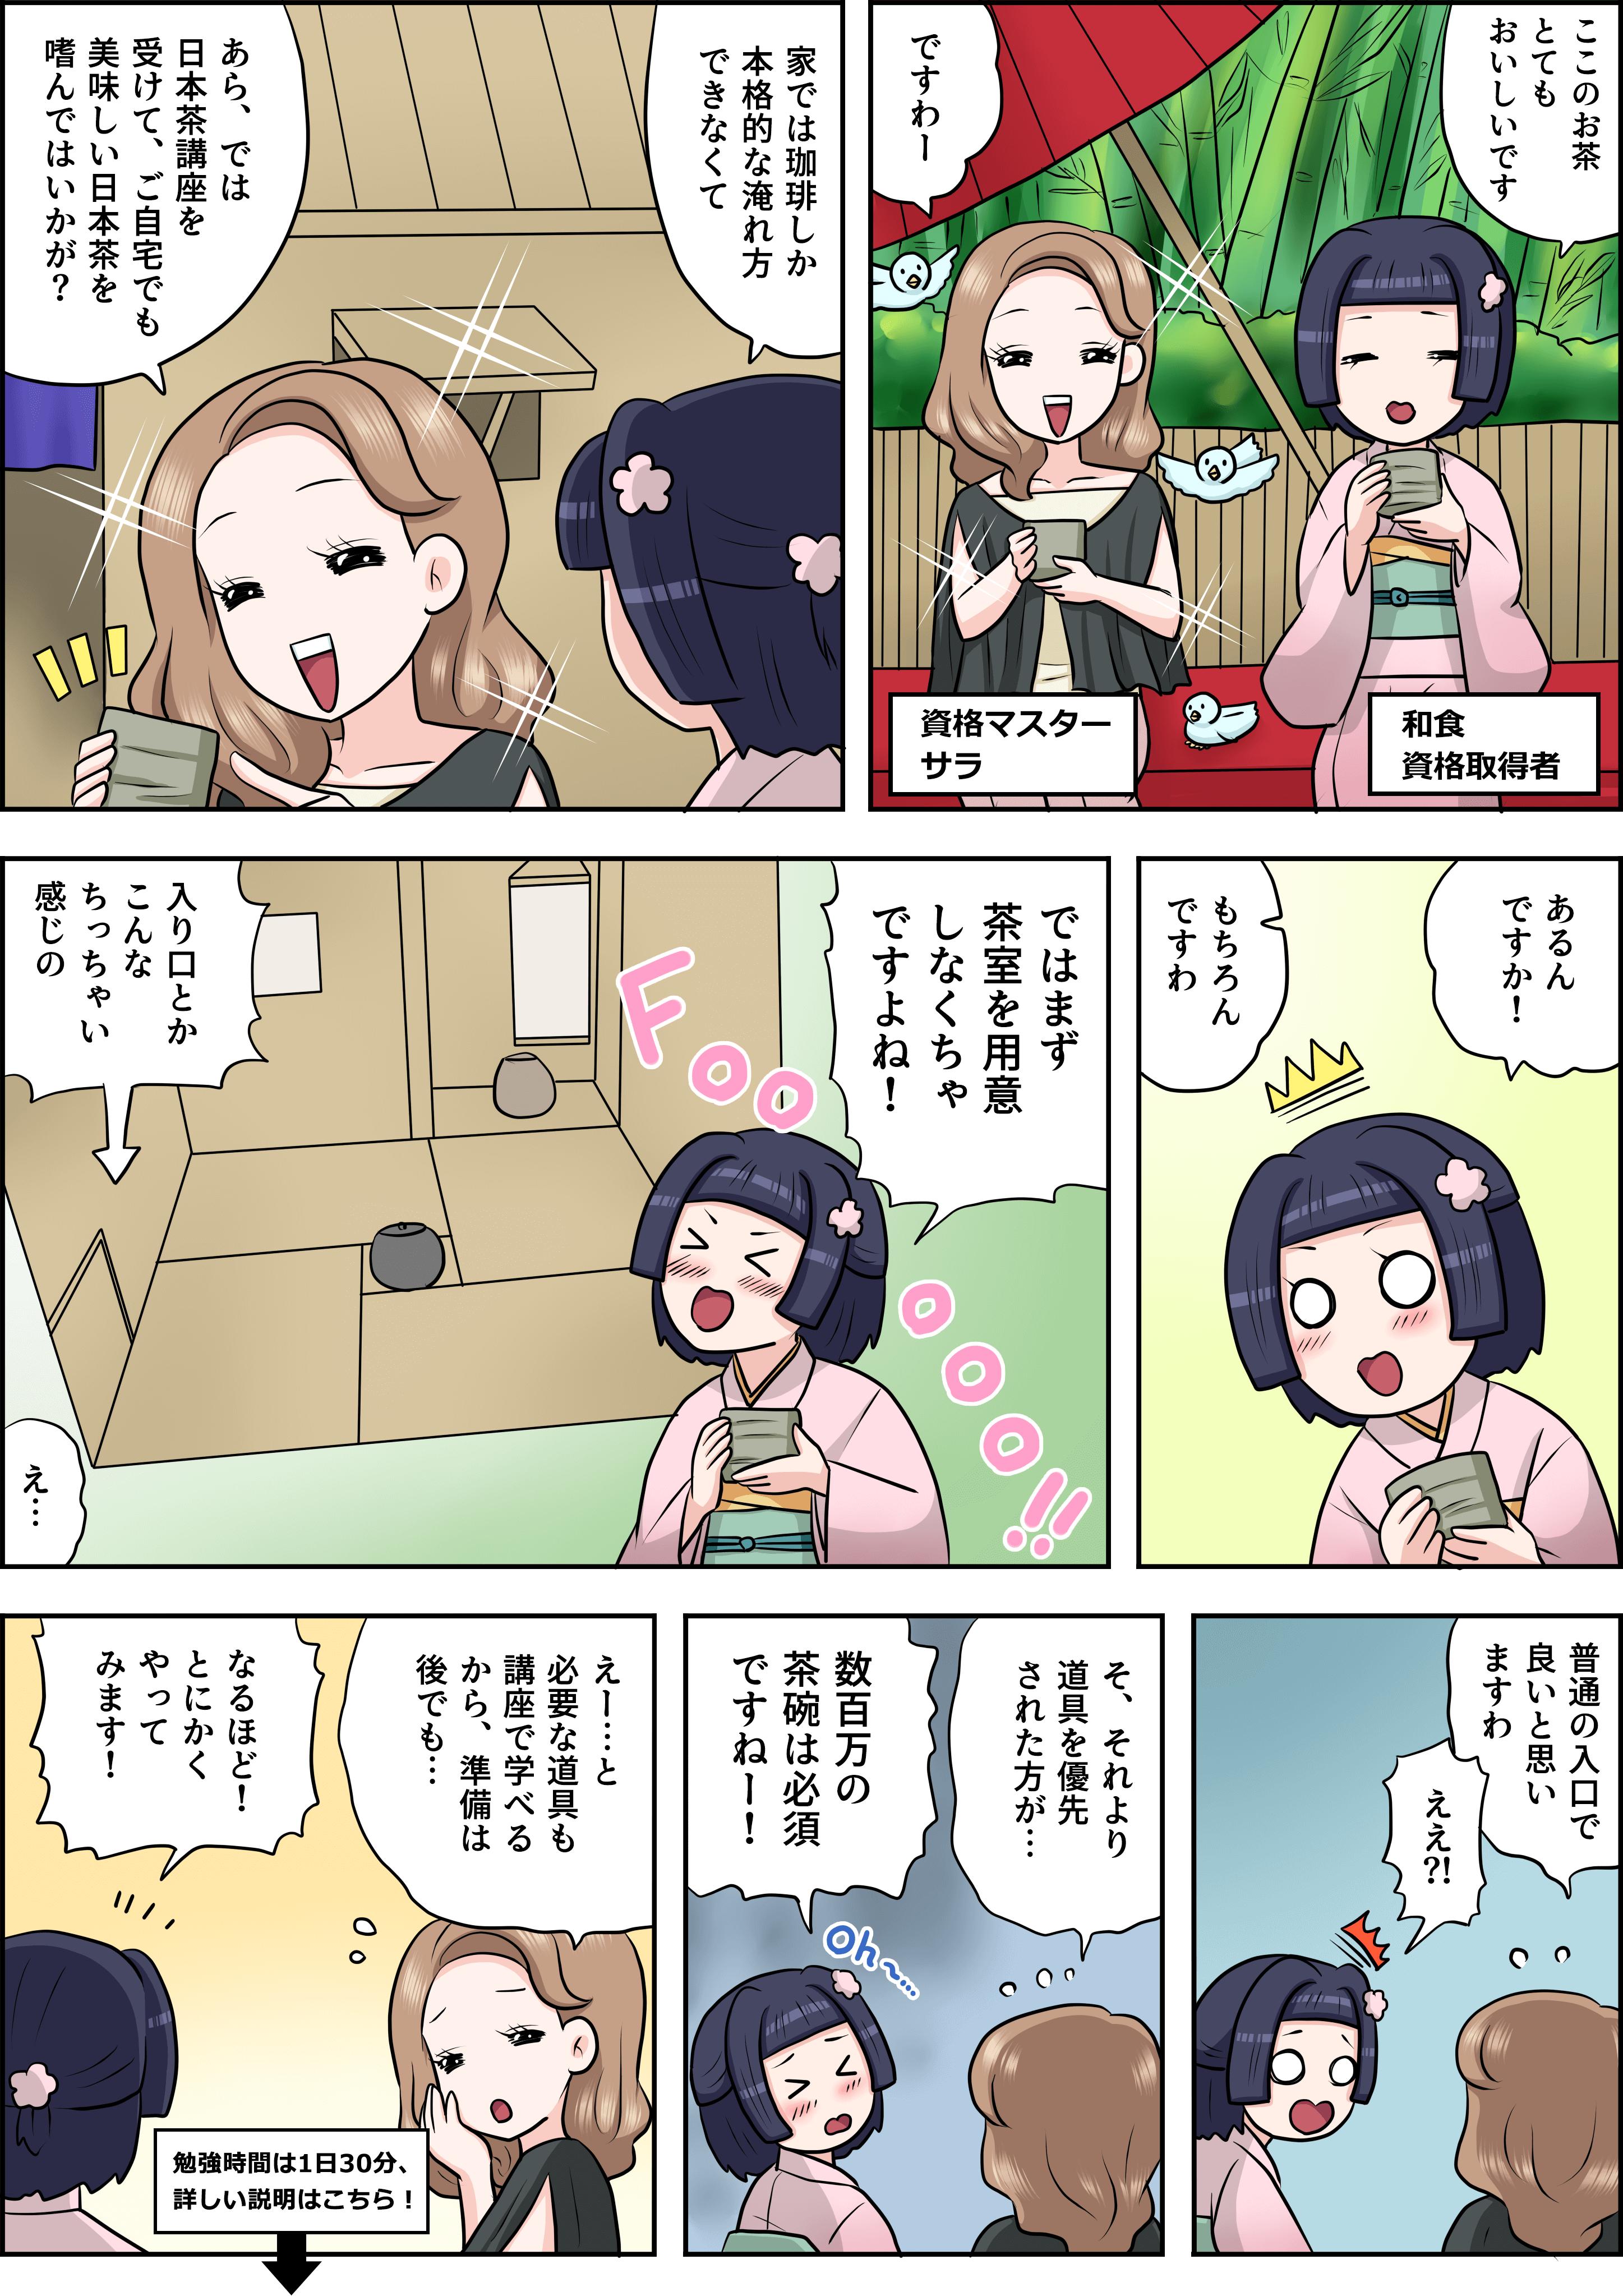 日本茶の漫画